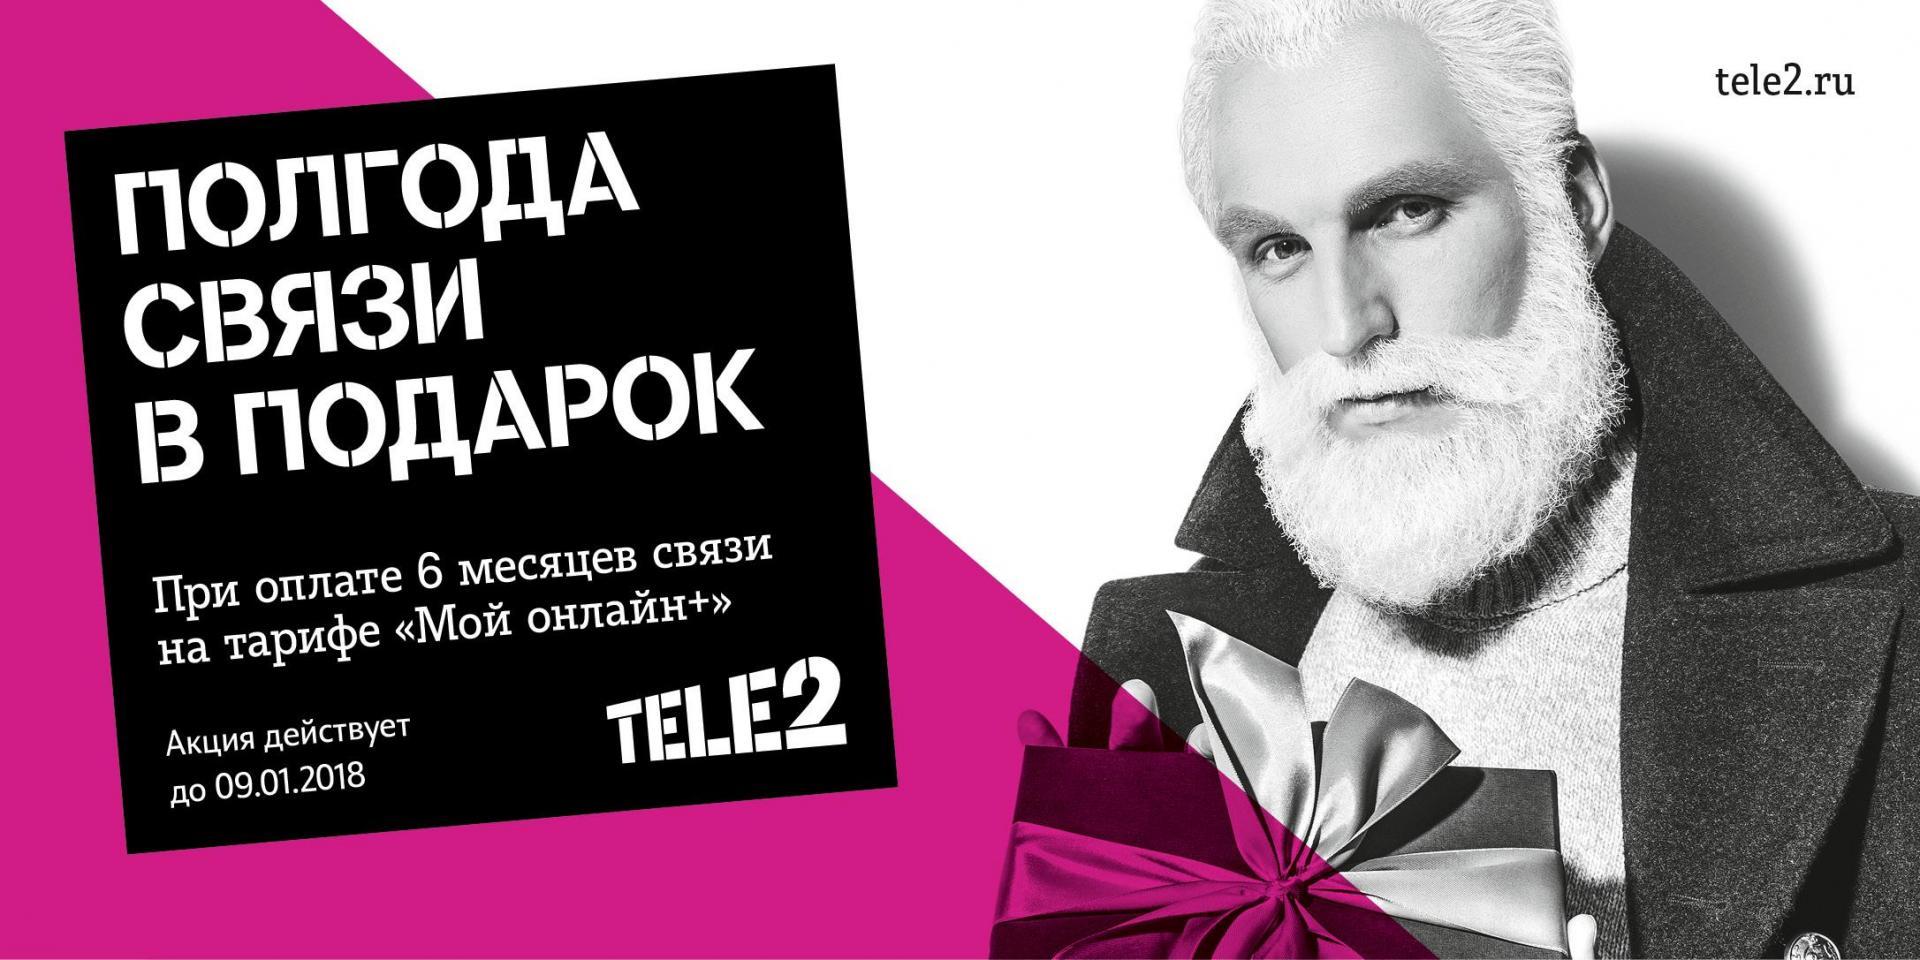 Tele2 готова дать полгода бесплатной связи, если выполните условия